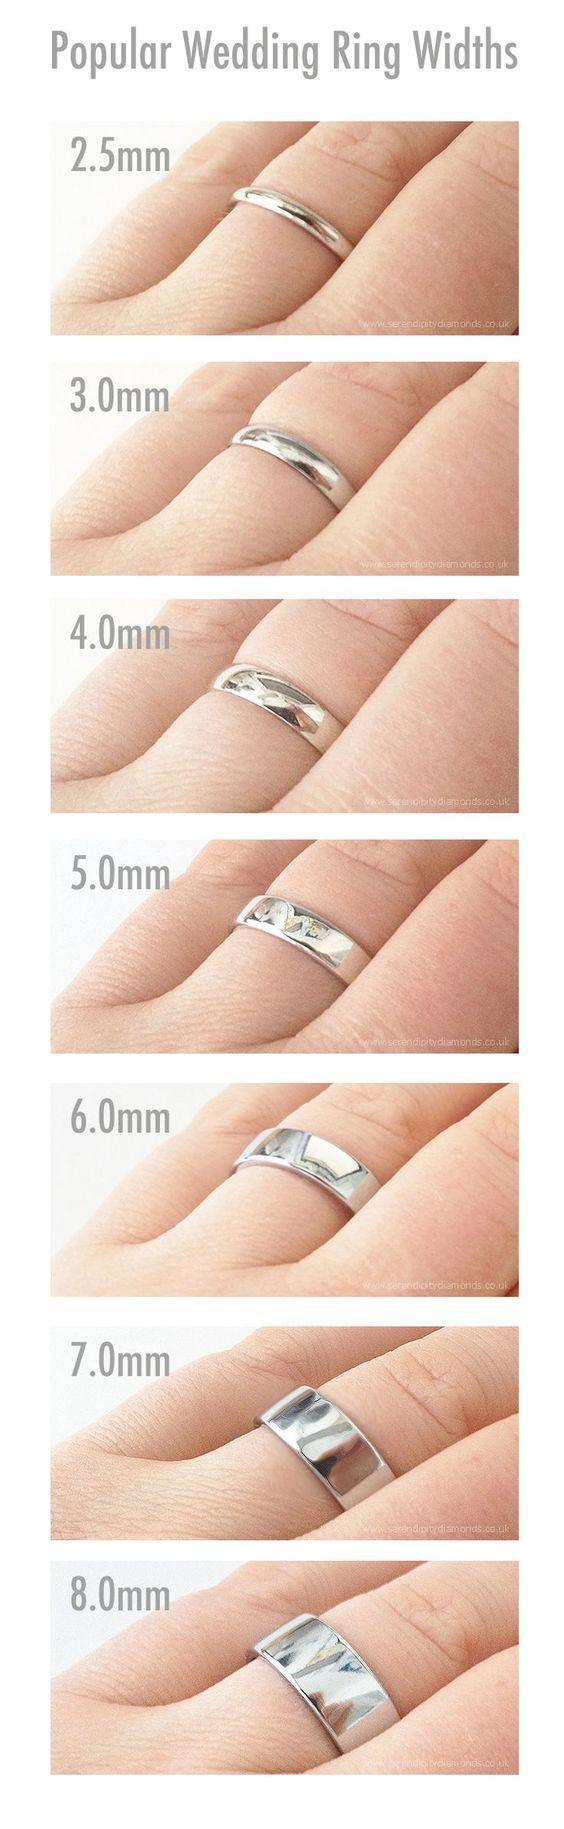 ¿Ya han elegido el ancho perfecto para sus anillos de #matrimonio? #WeddingBands: